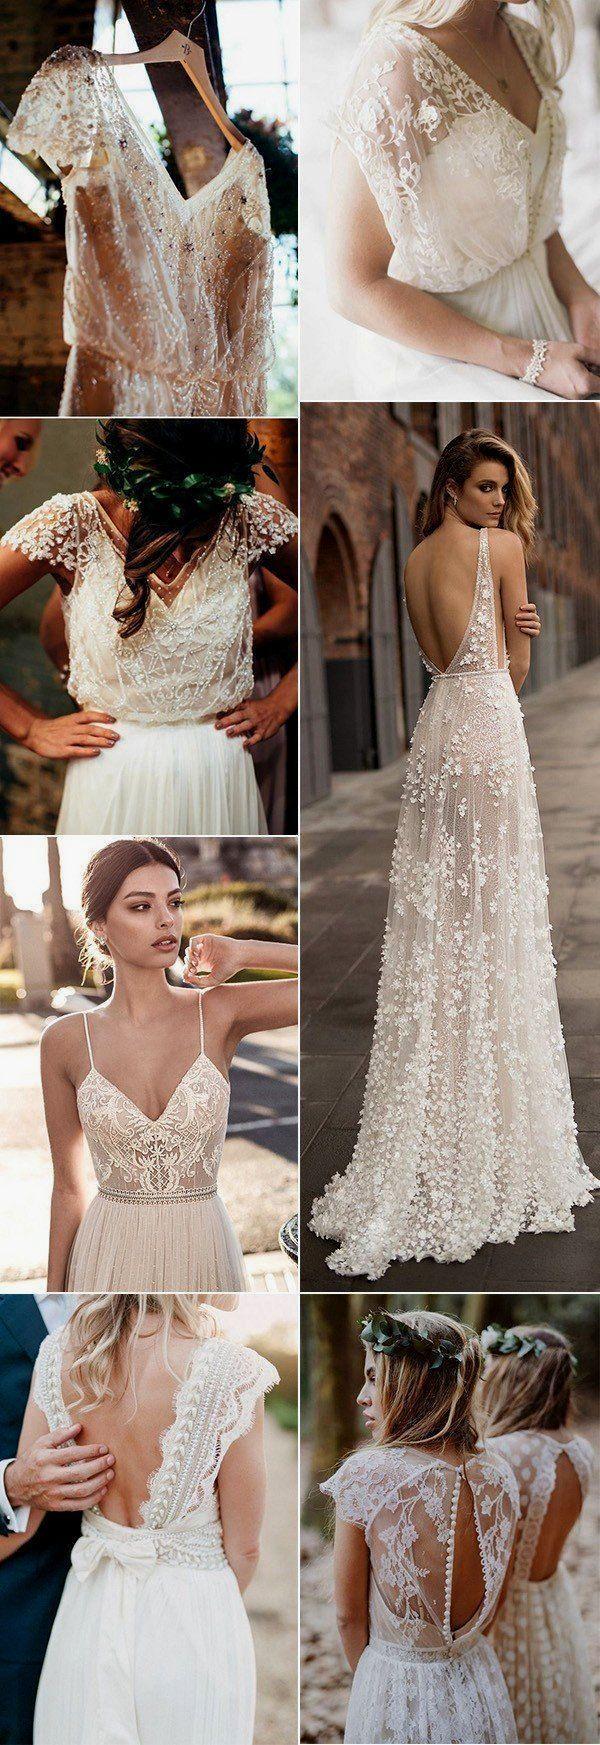 Versuchen Sie, das perfekte Brautkleid zu finden? Schauen Sie sich unsere süße… – Braut Schuhe